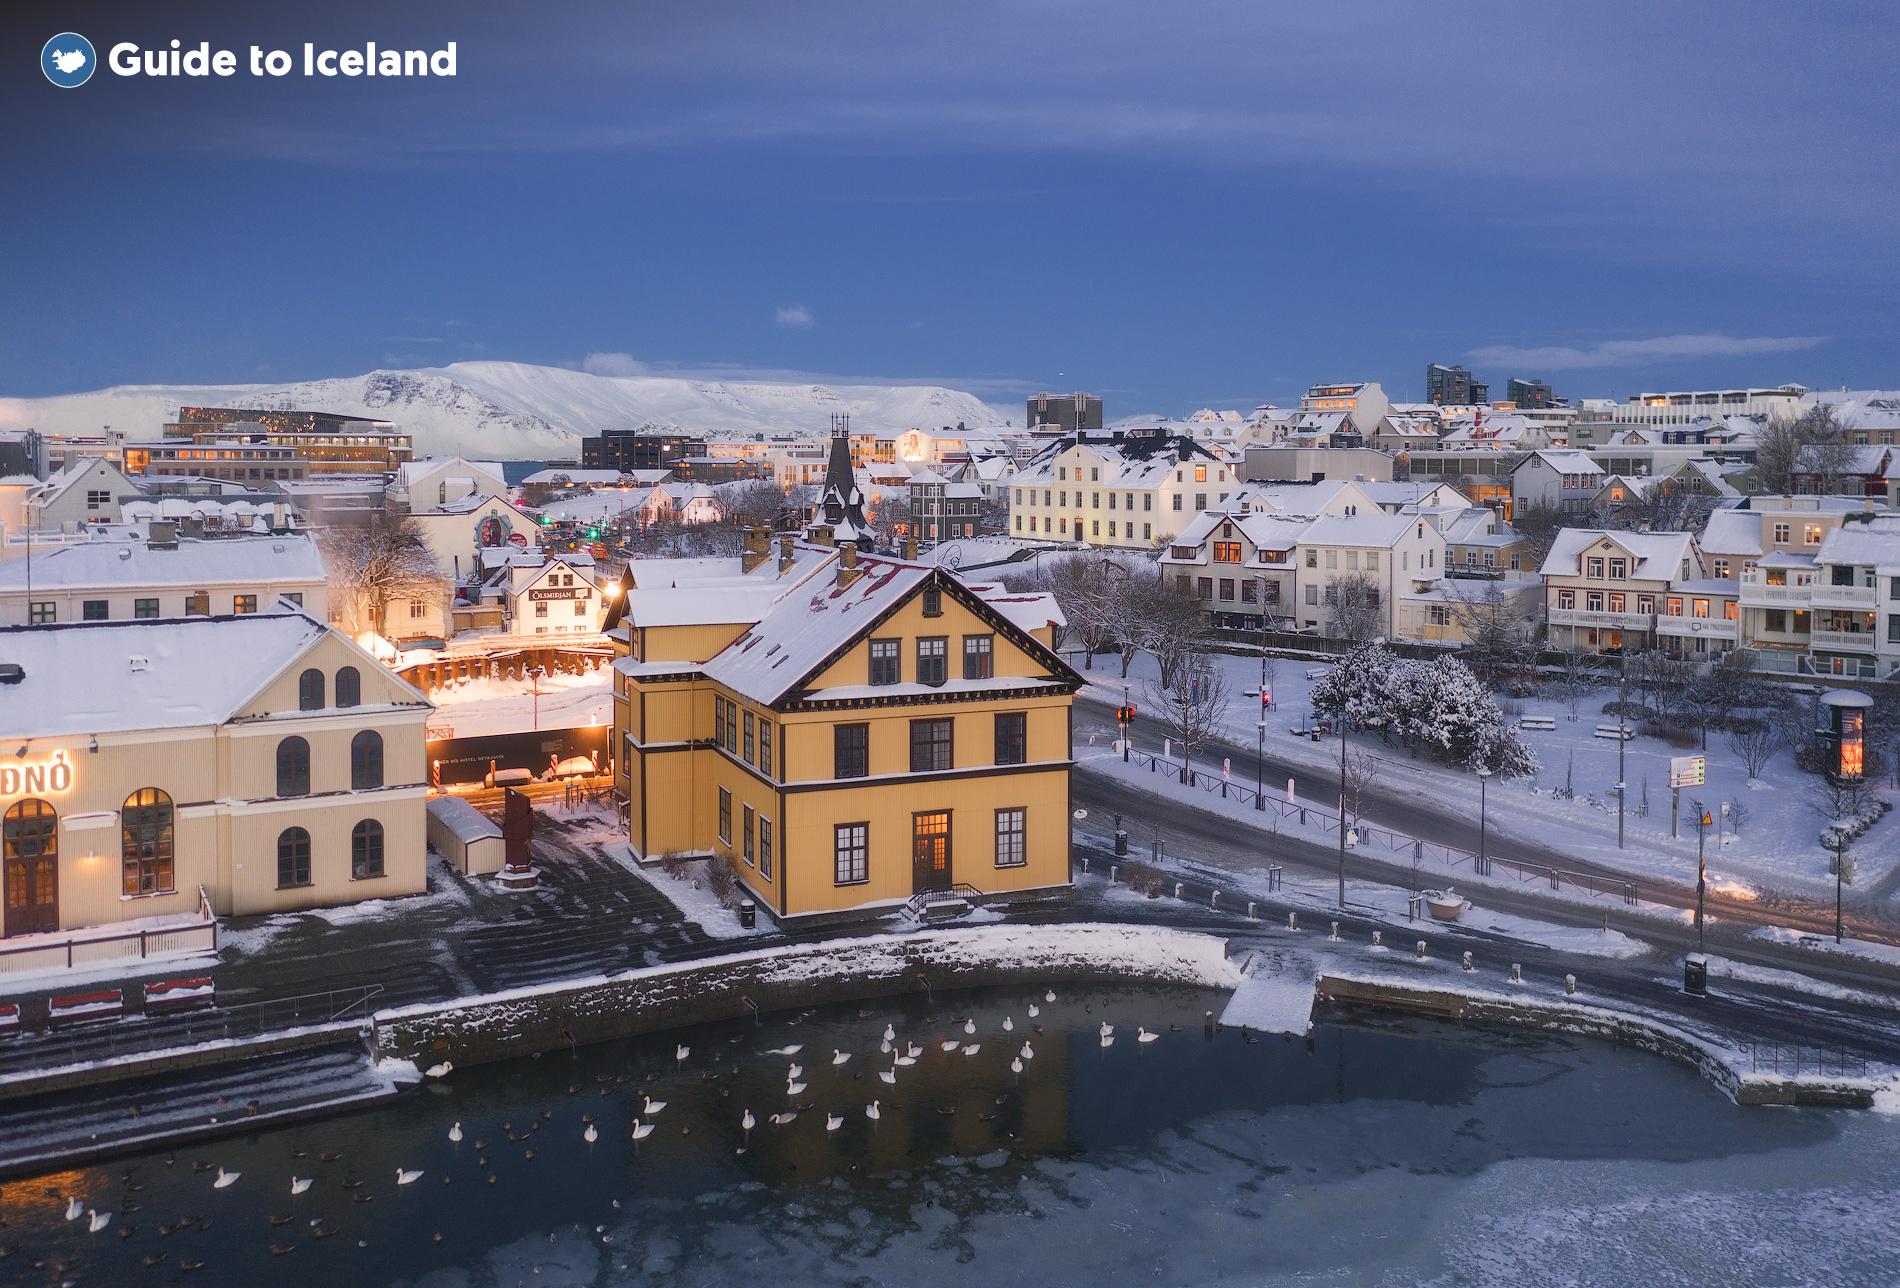 Spokojna 4-dniowa, samodzielna wycieczka po Islandii z zorzą polarną i jednodniowymi wycieczkami z Reykjaviku - day 4